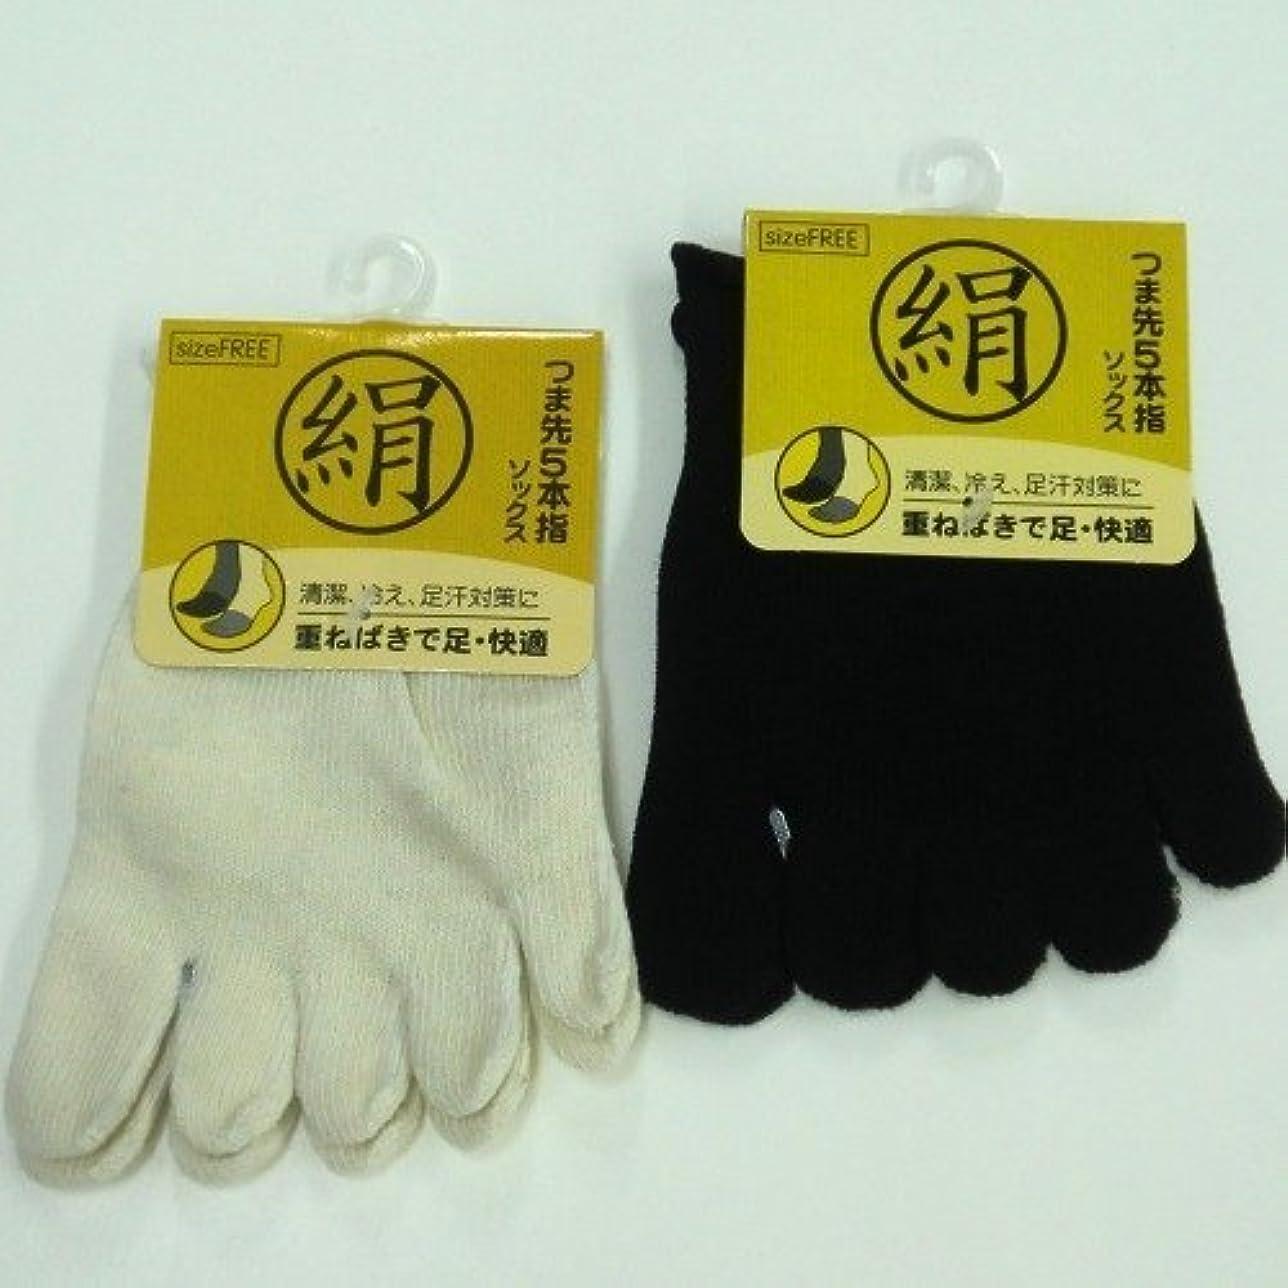 かける大洪水ウォーターフロントシルク 5本指ハーフソックス 足指カバー 天然素材絹で抗菌防臭 4足組